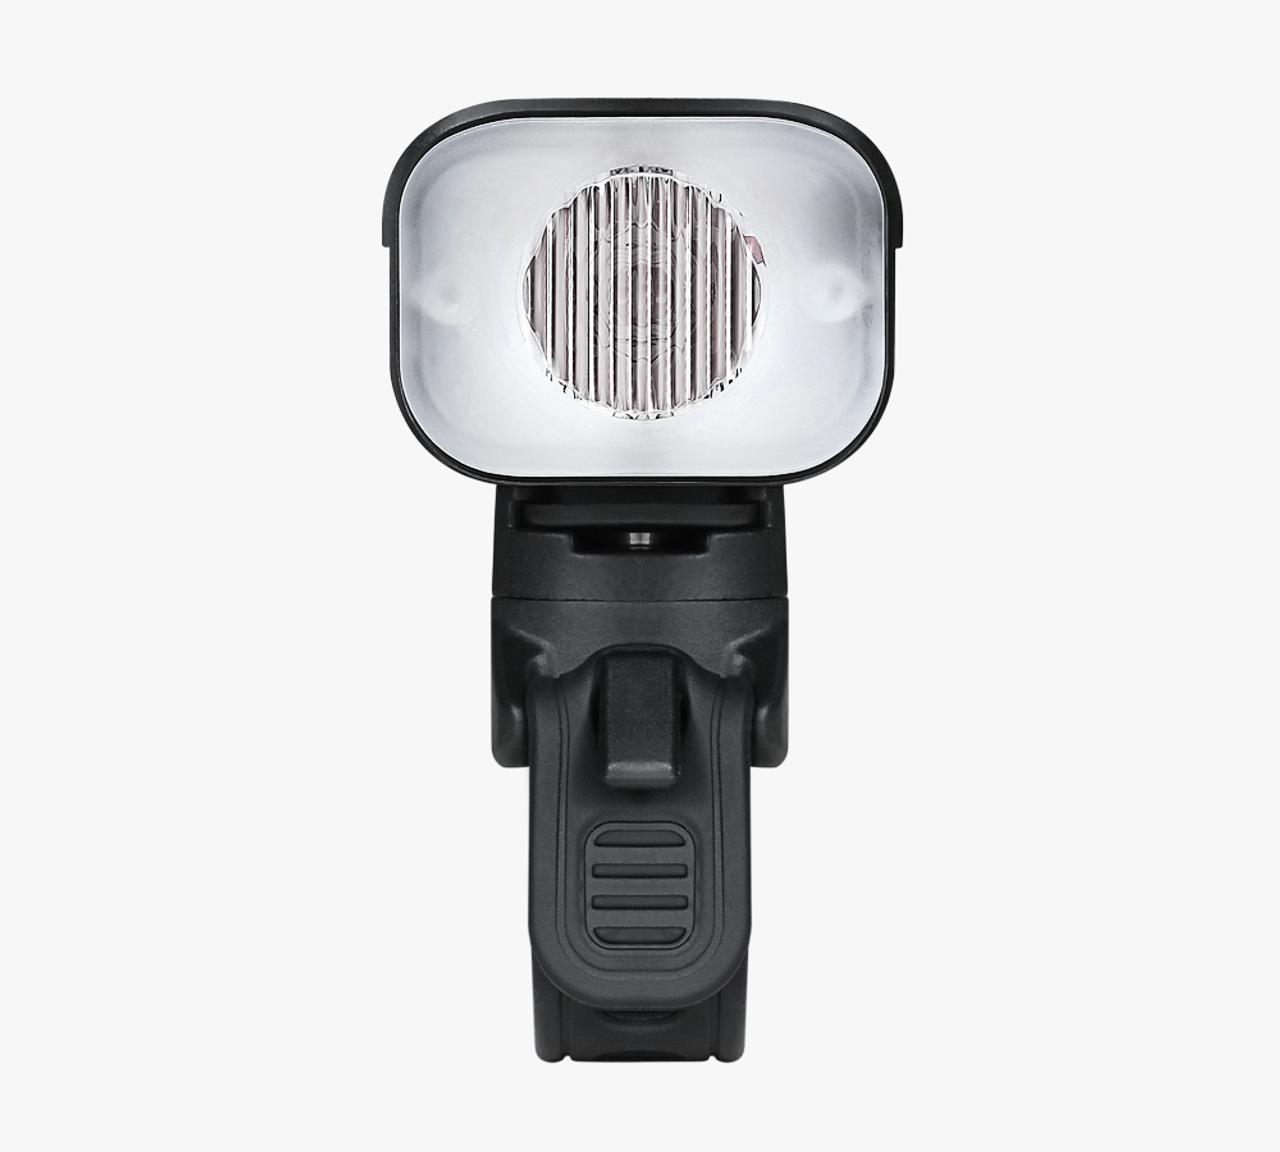 Ravemen LR800P USB Rechargeable Curved Lens Front Light in Matt Black (800 Lumens)